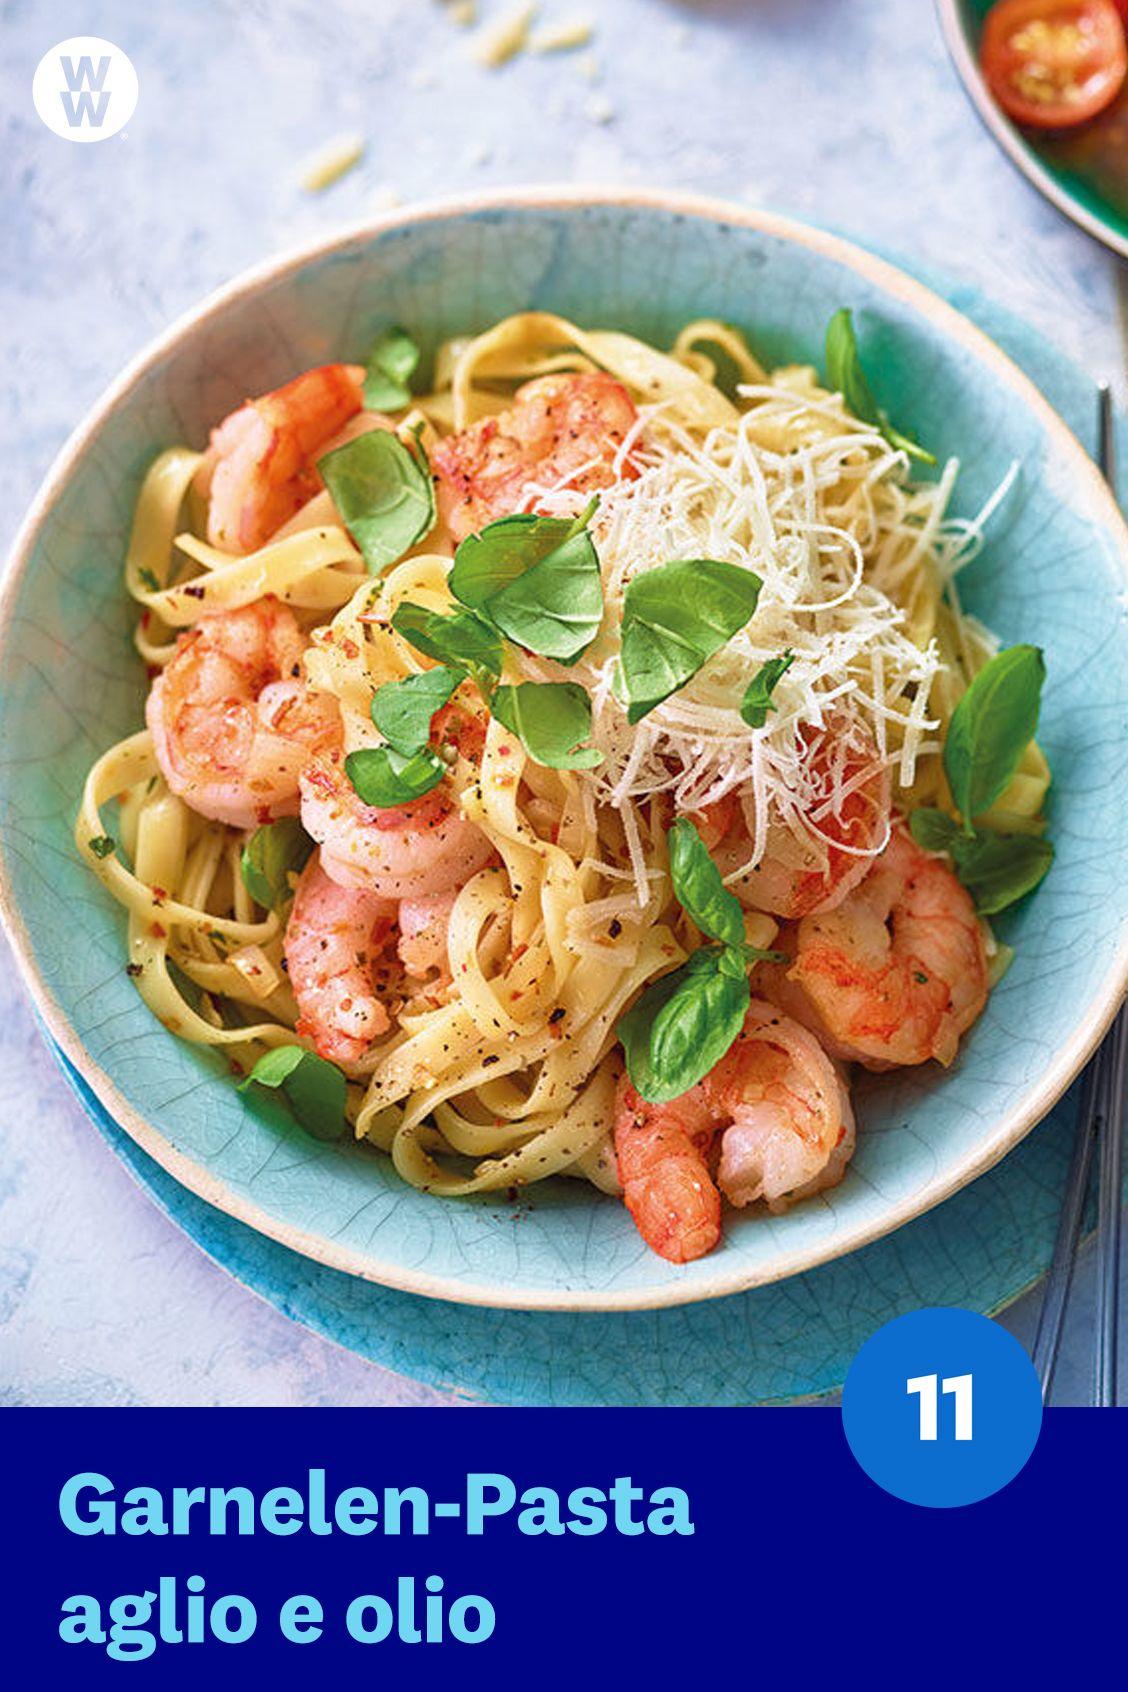 Garnelen-Pasta aglio e olio